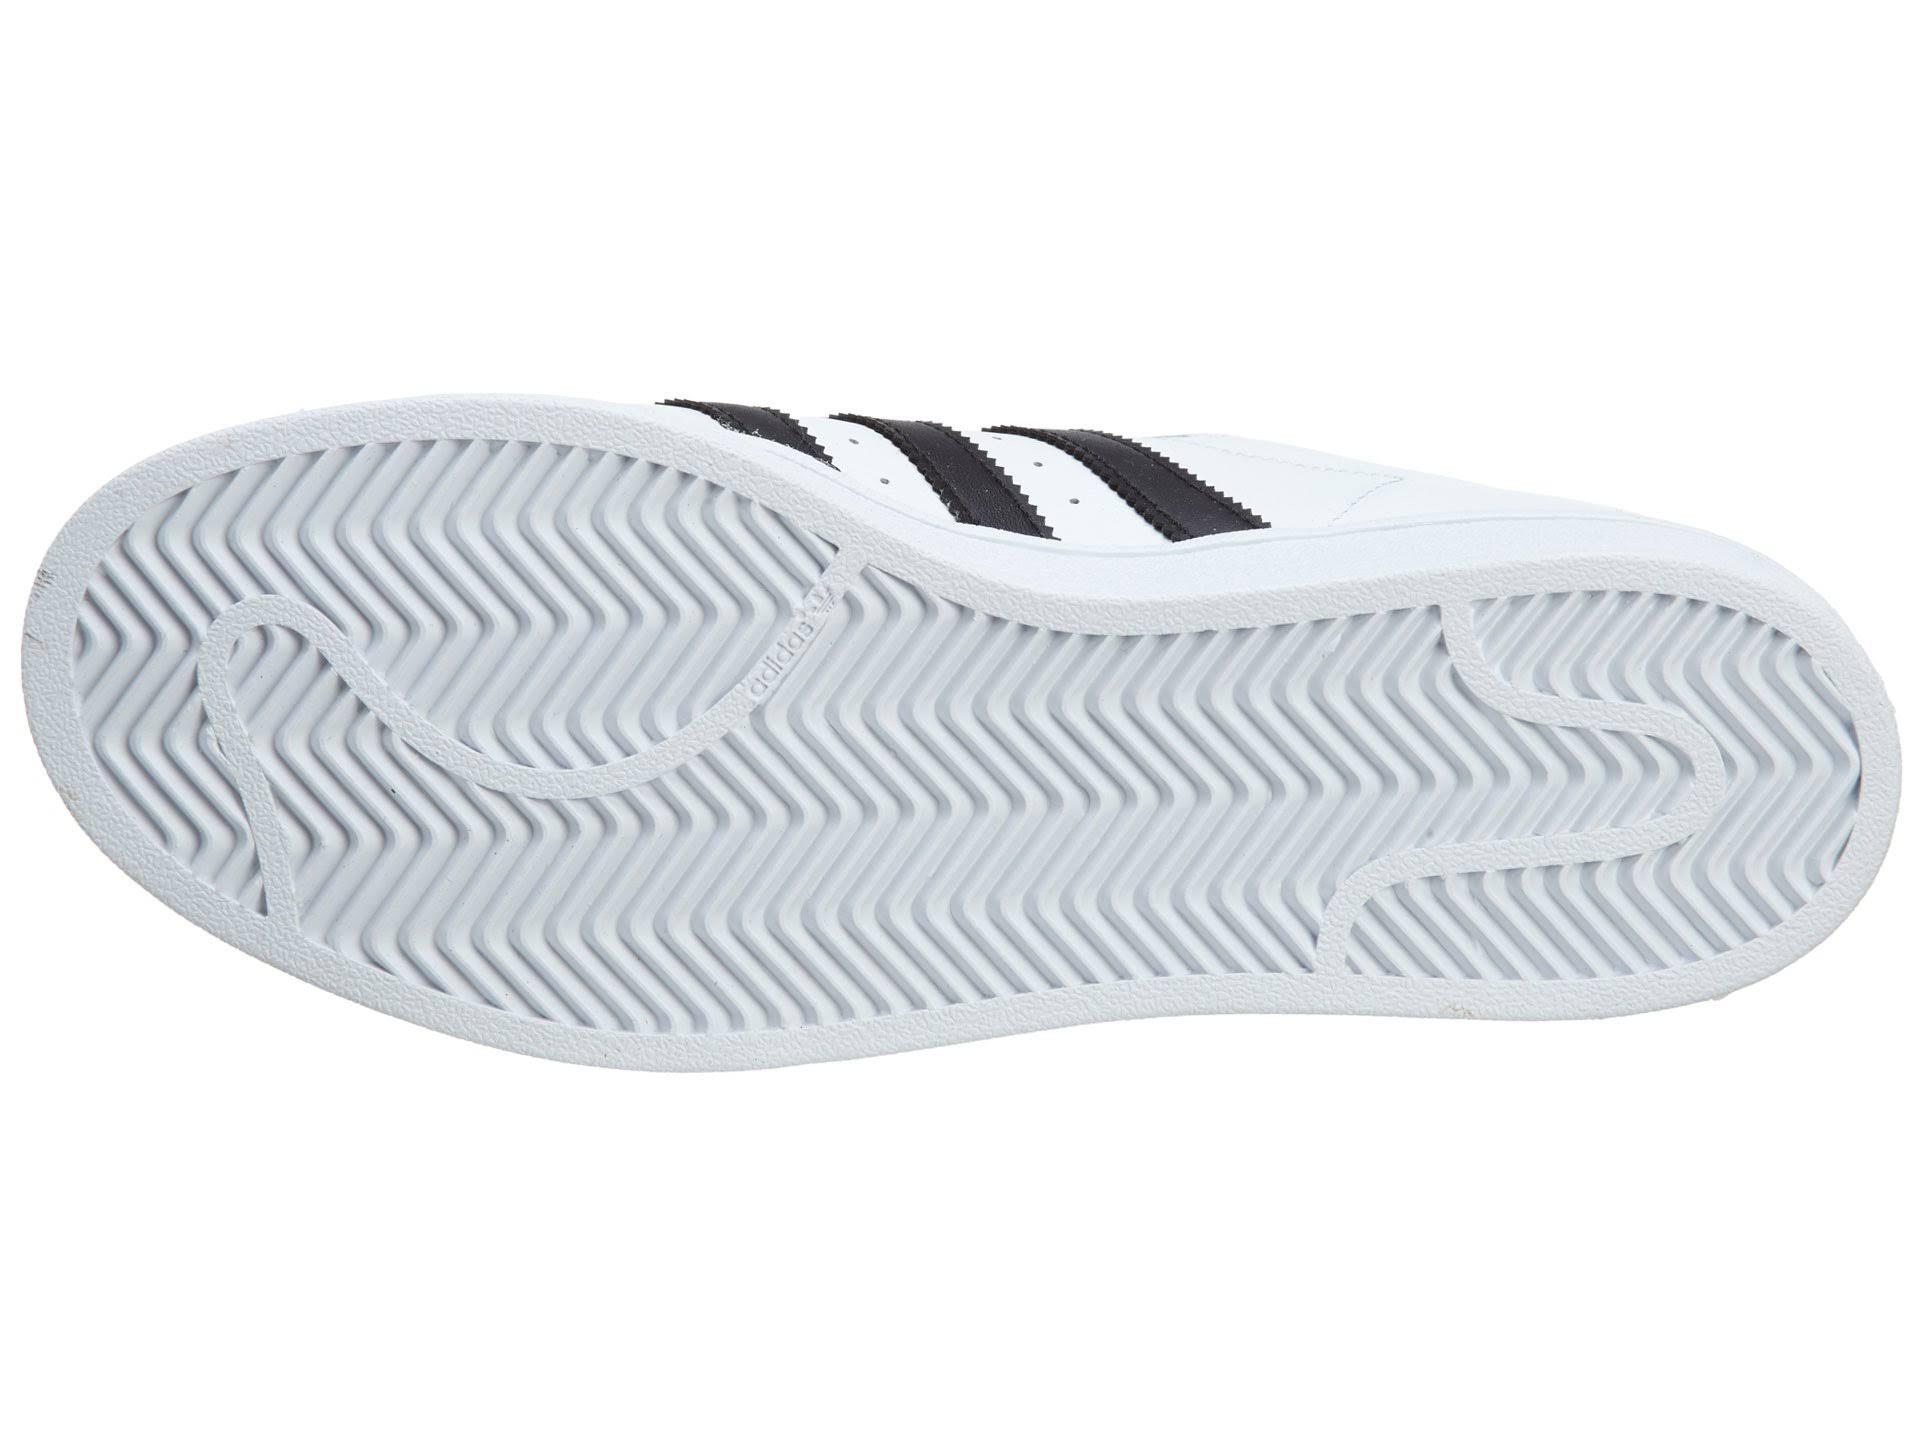 Línea La 5 Para 10 De Adidas Casual Zapatillas Blanco Superstar Meta Hombre UWO6Pqx